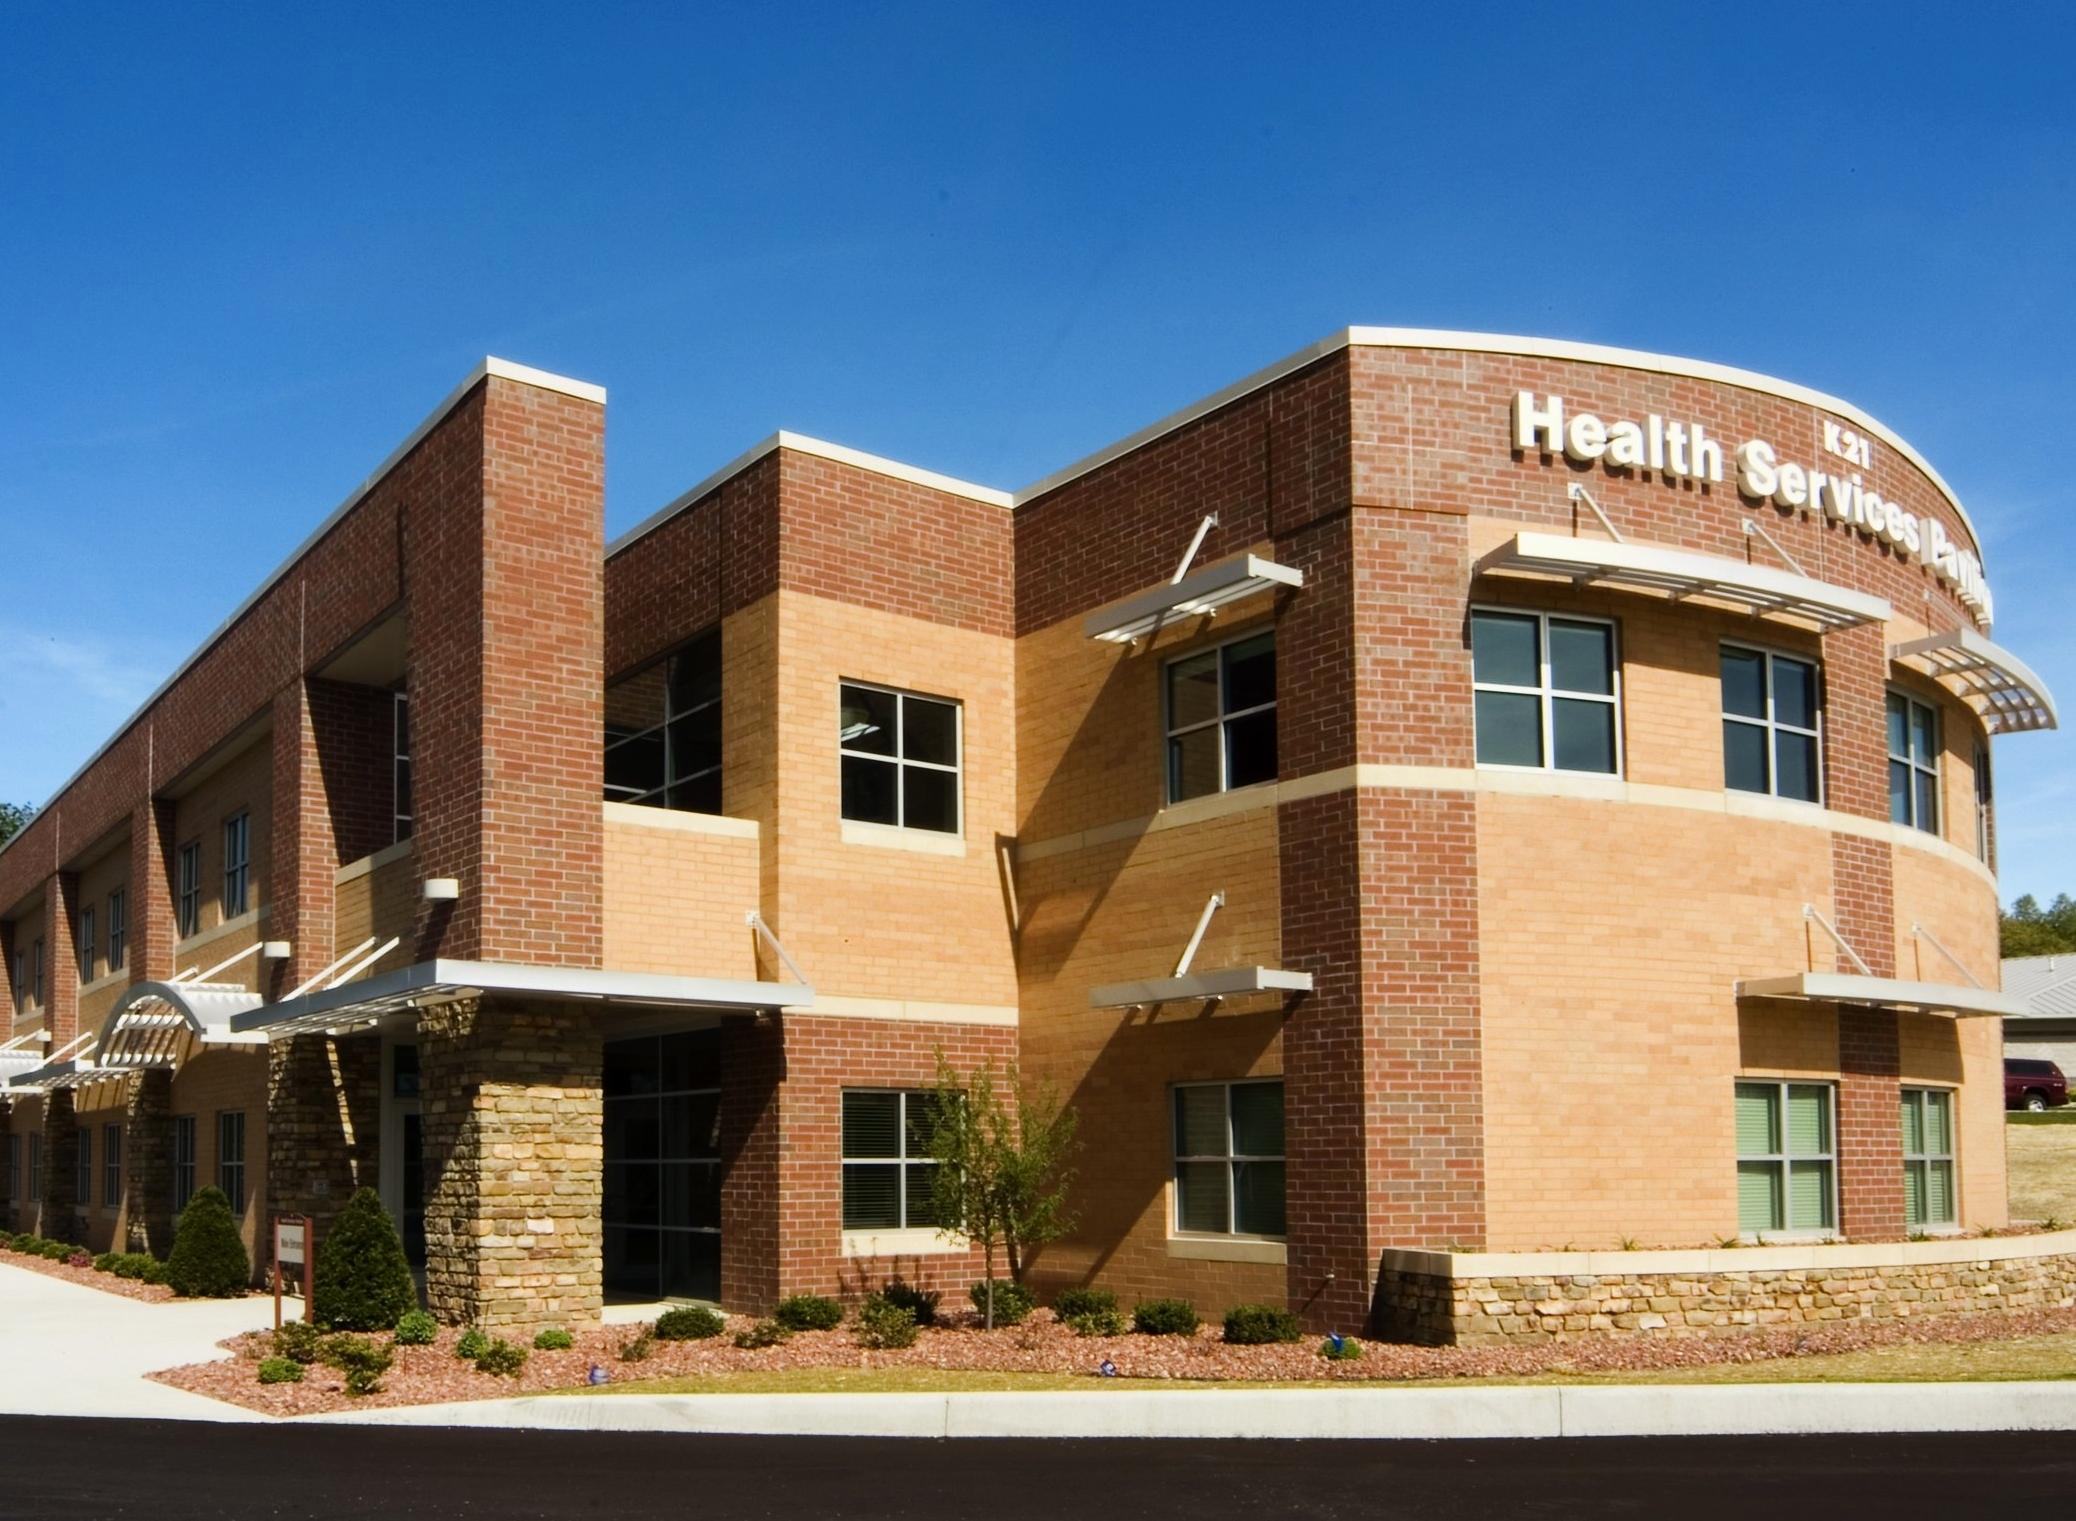 K21 Health Pavilion